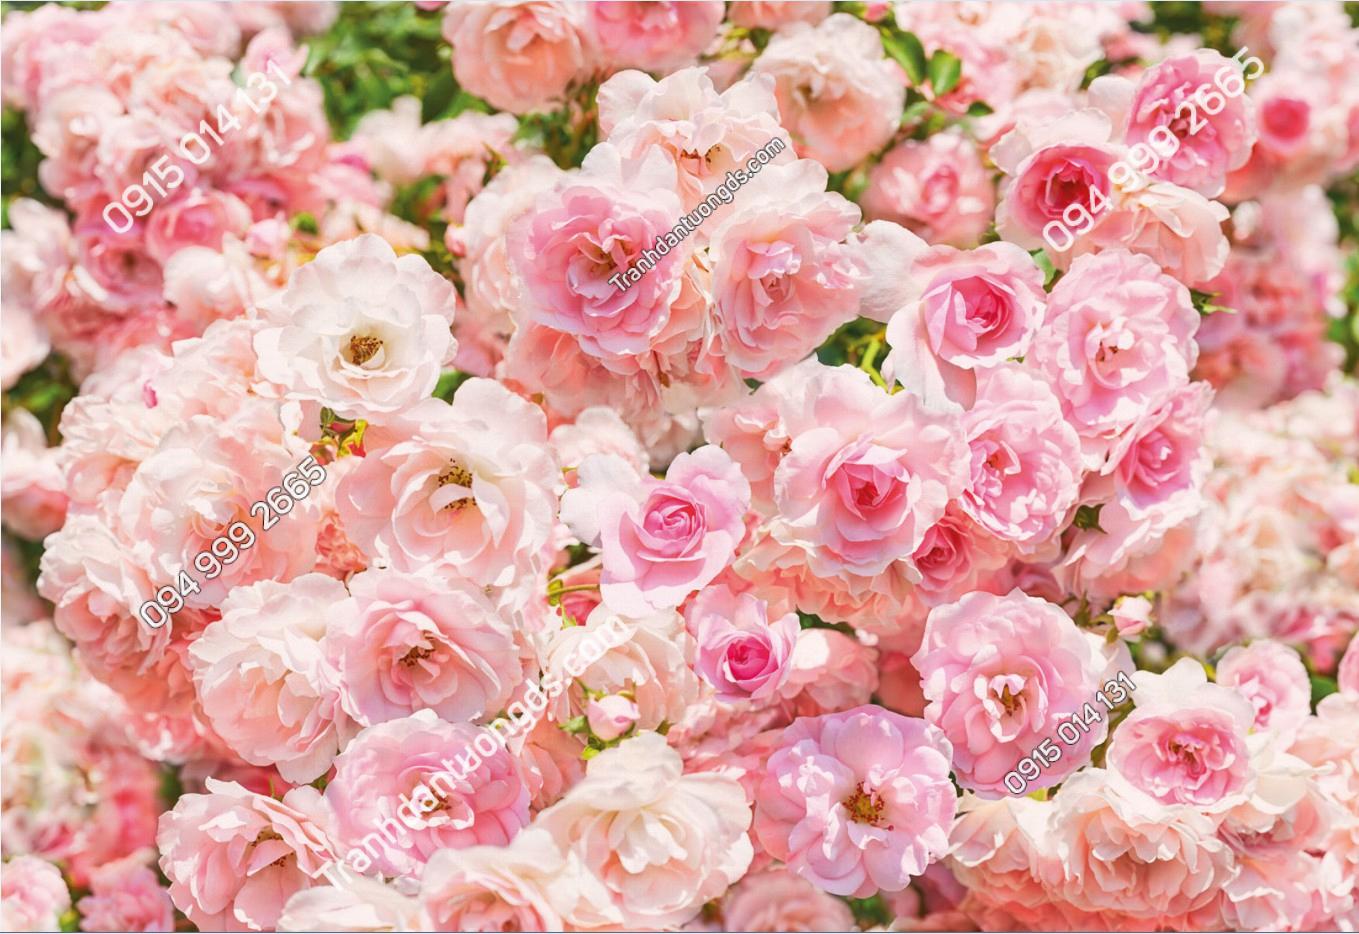 Tranh dán tường hoa hồng - 10470 demo